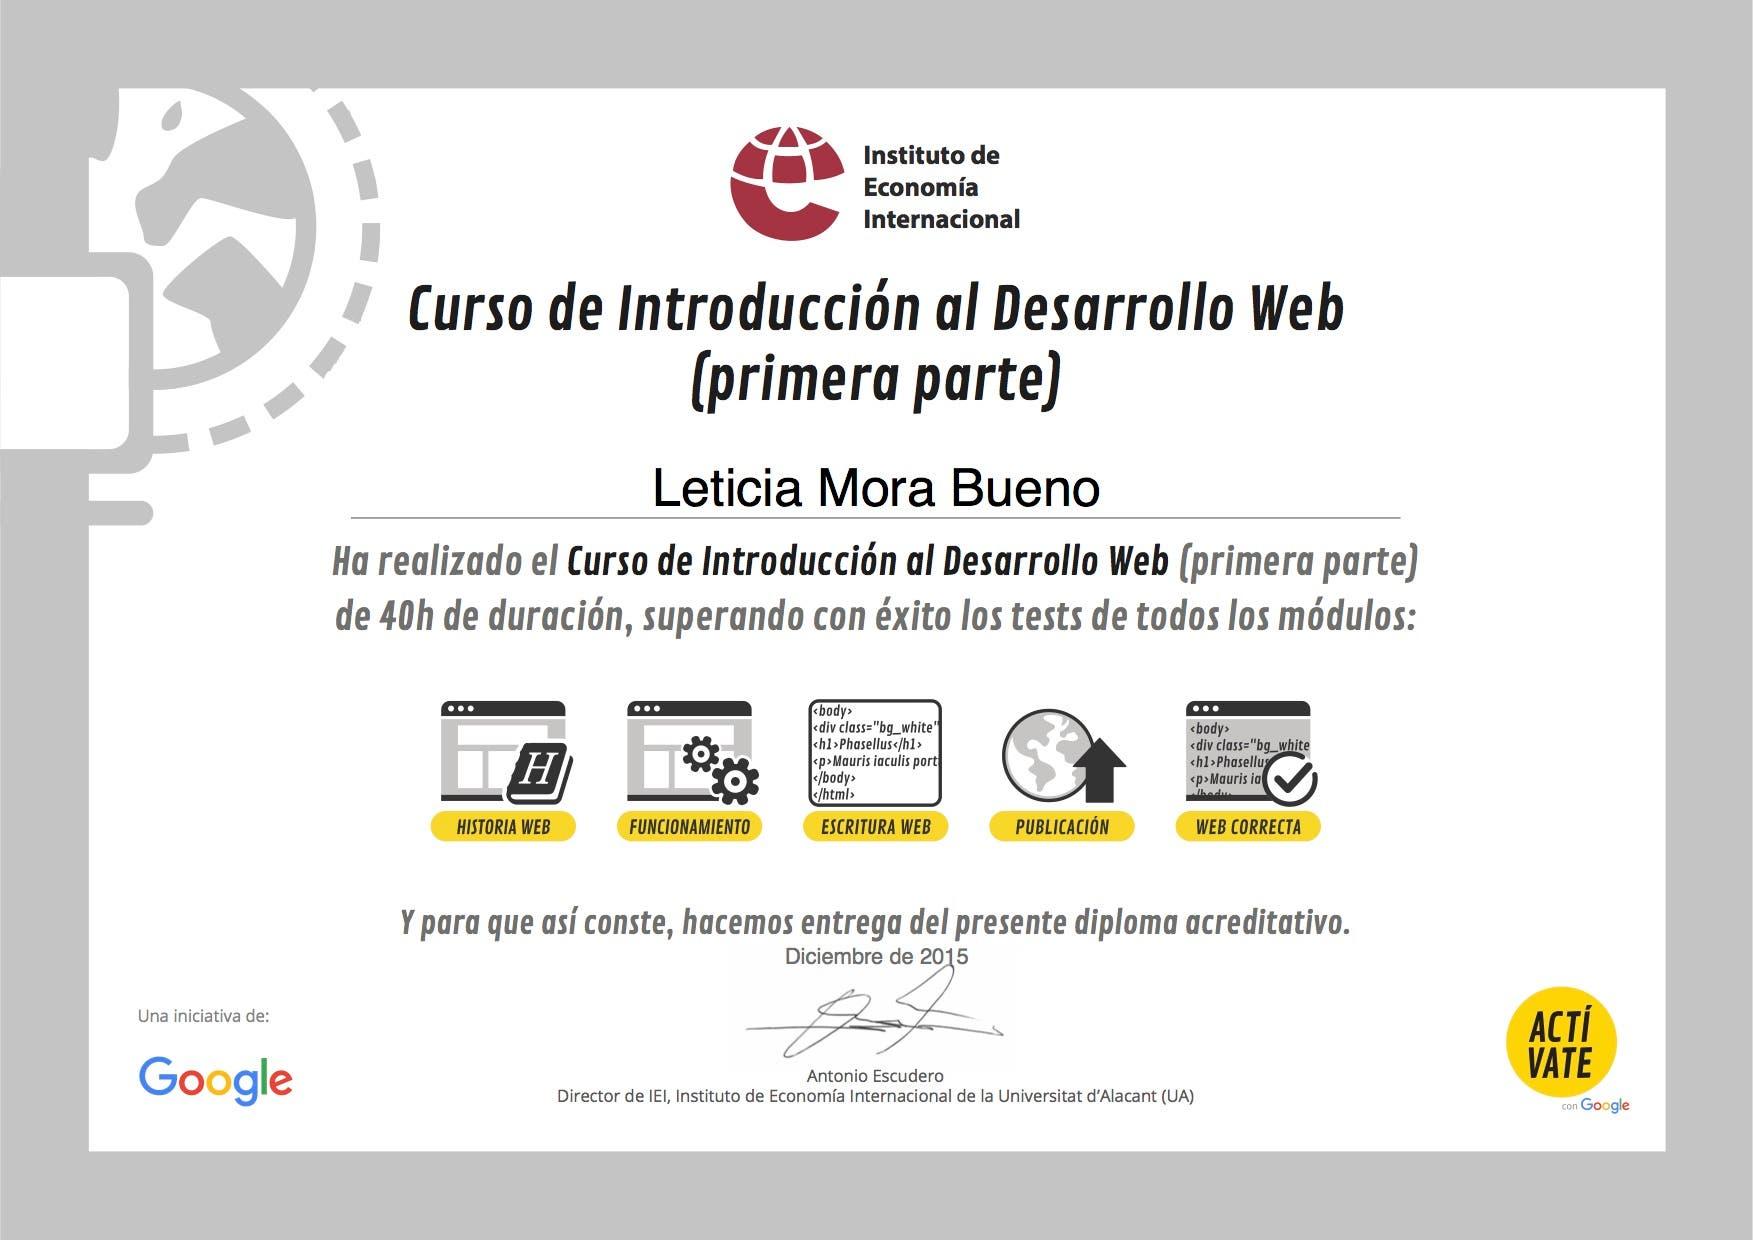 Curso Desarrollo web Instituto de economía Internacional